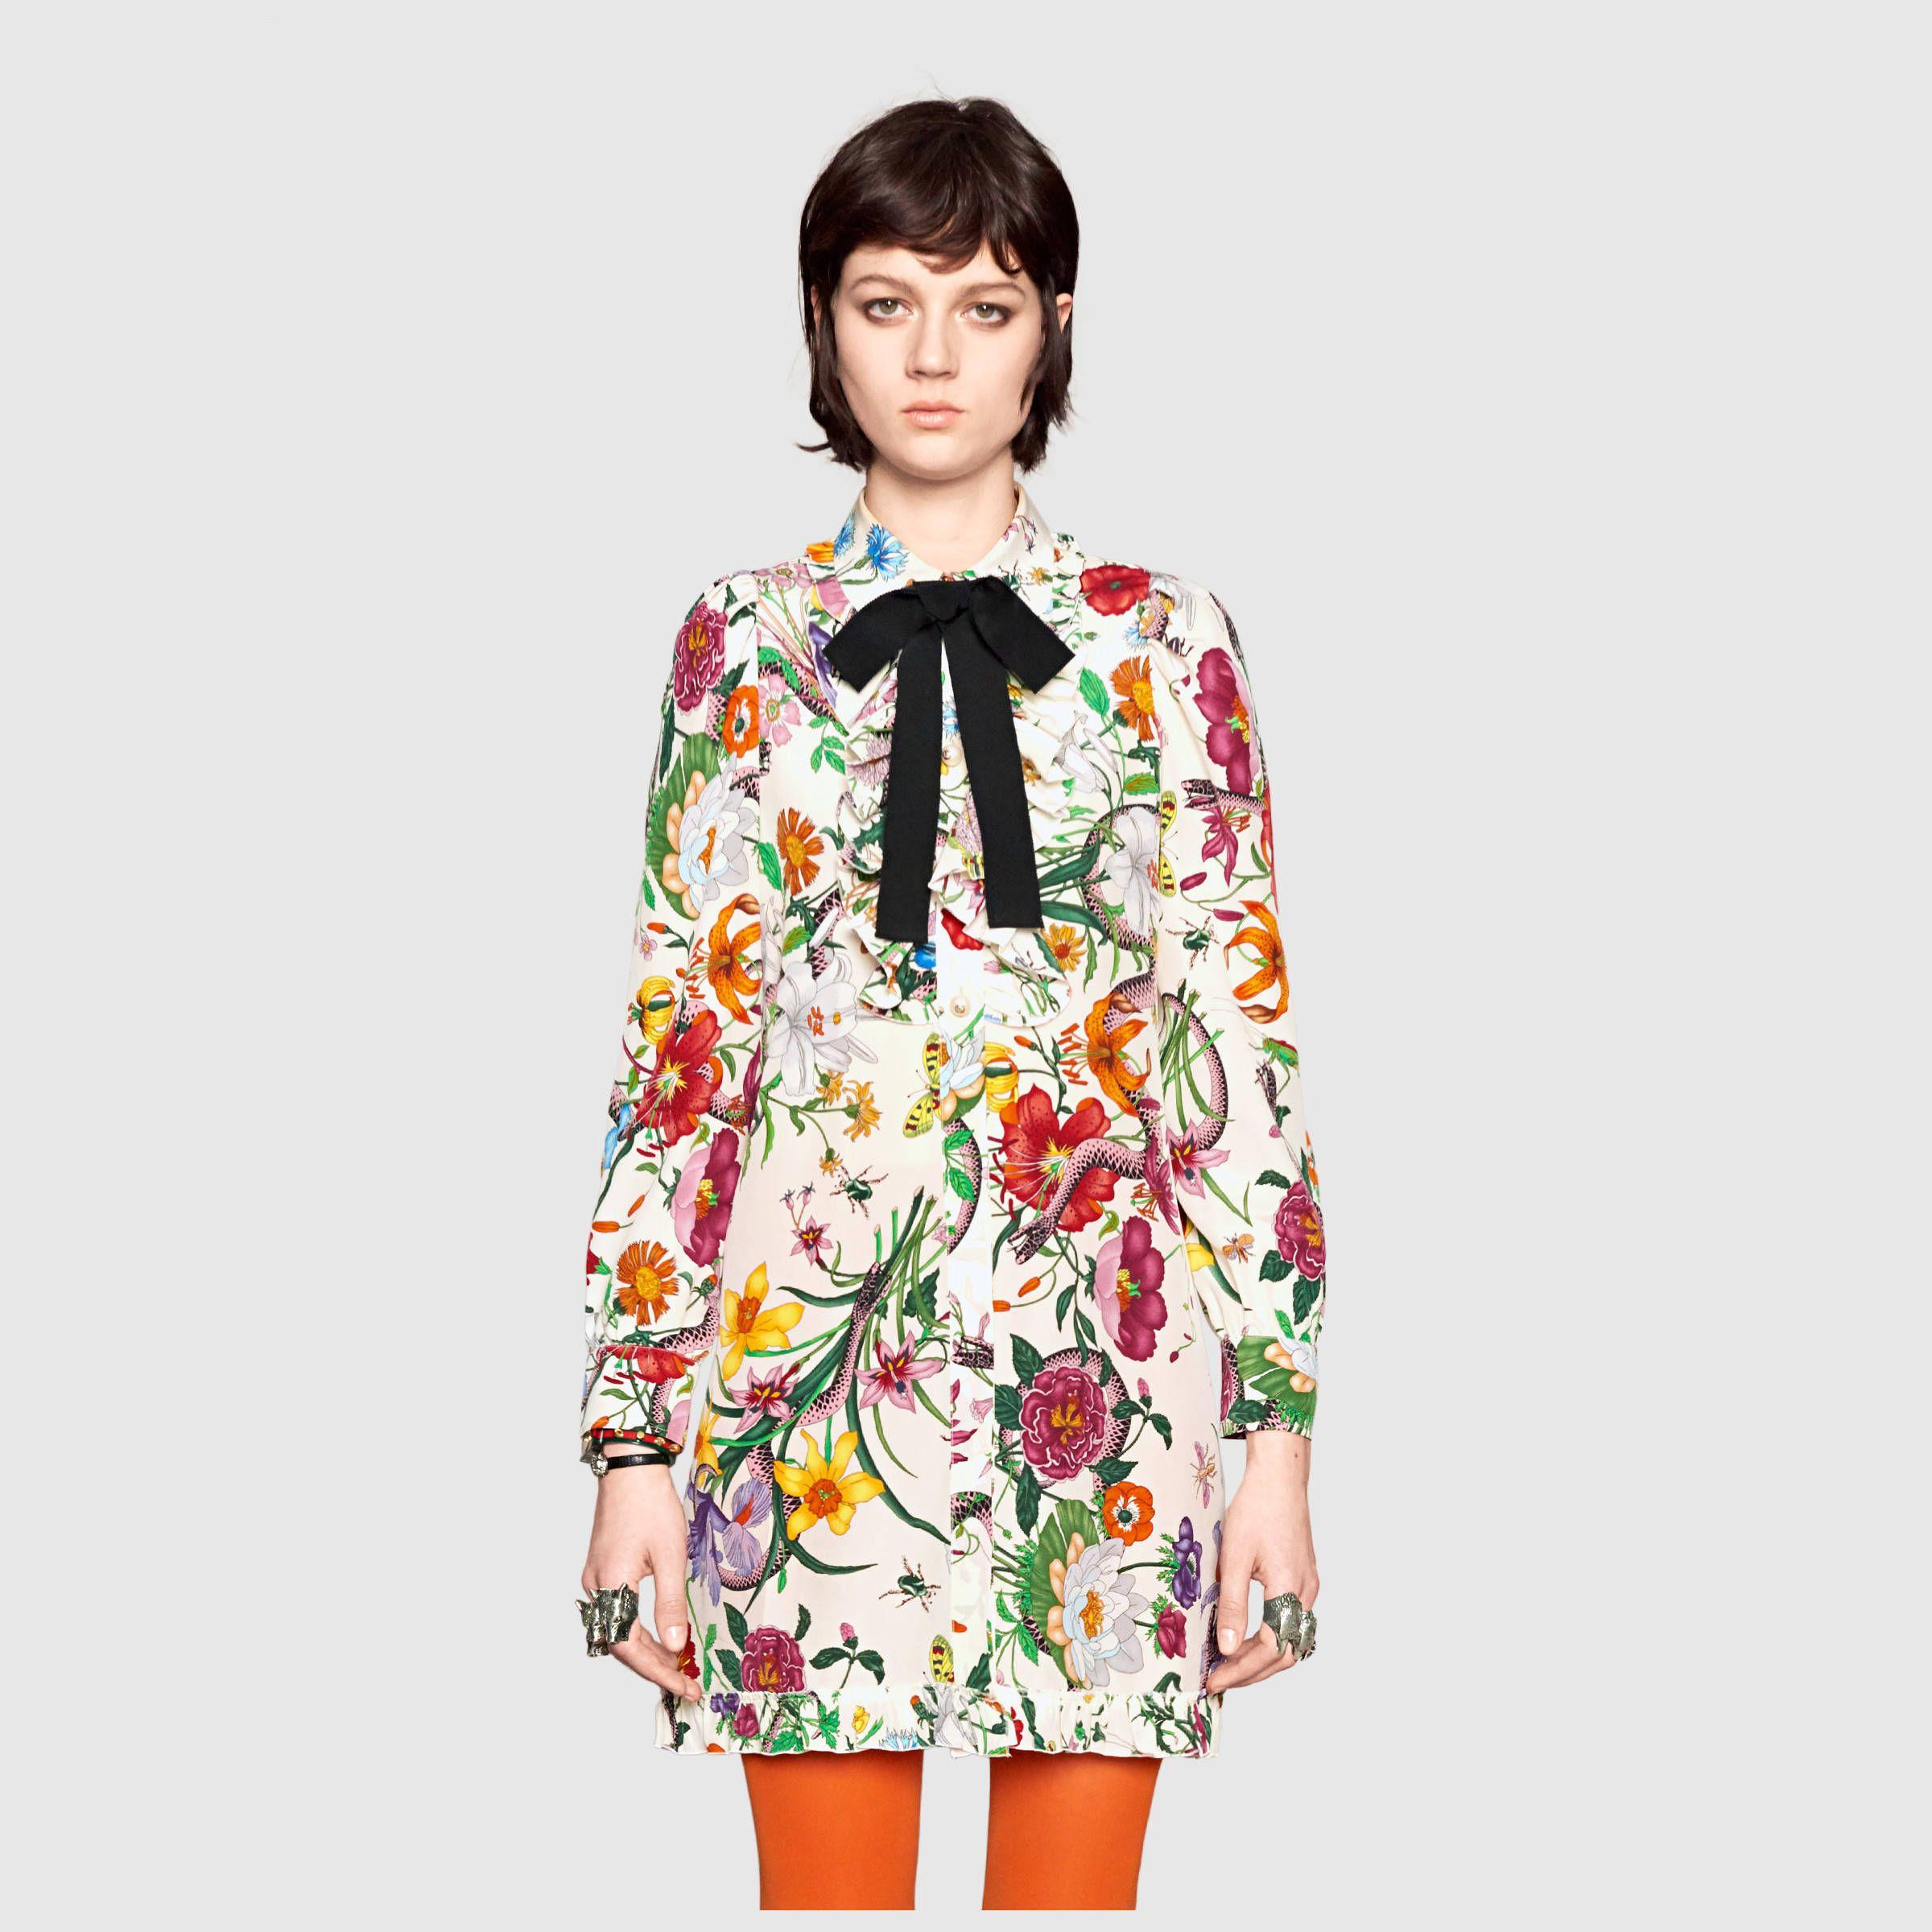 Флористические мотивы на одежде